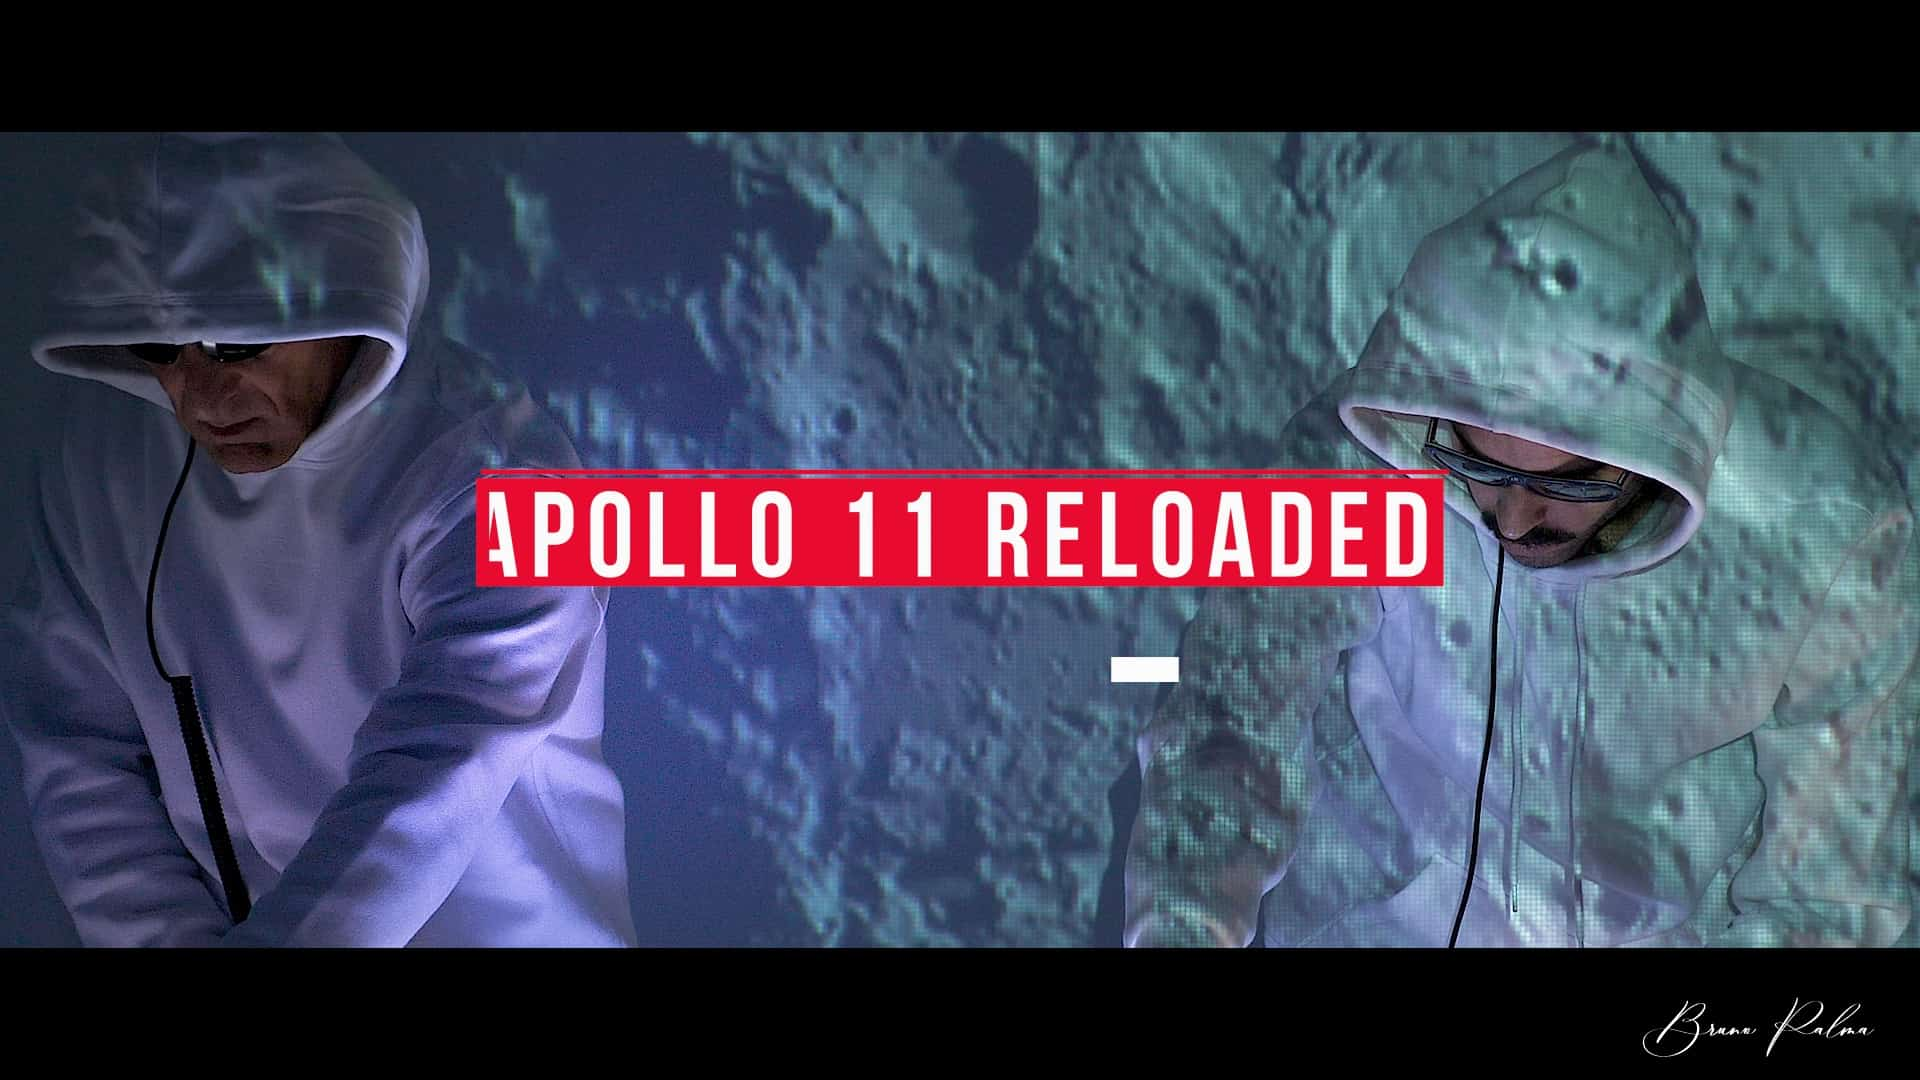 Apollo 11 Reloaded